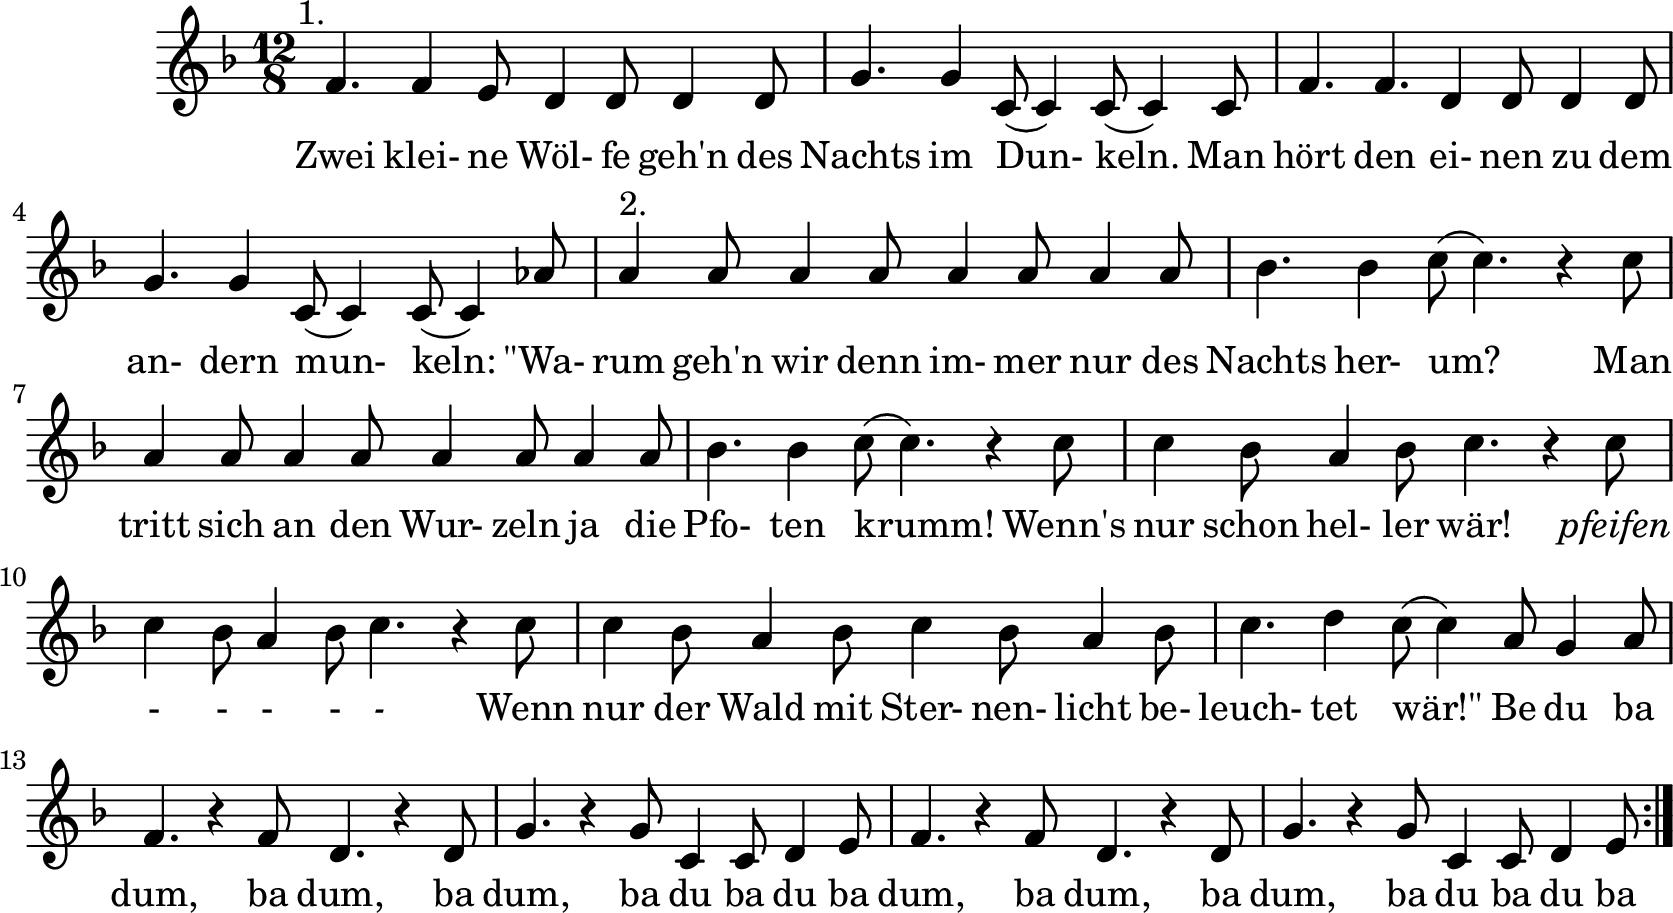 Notenblatt Music Sheet Zwei kleine Wölfe